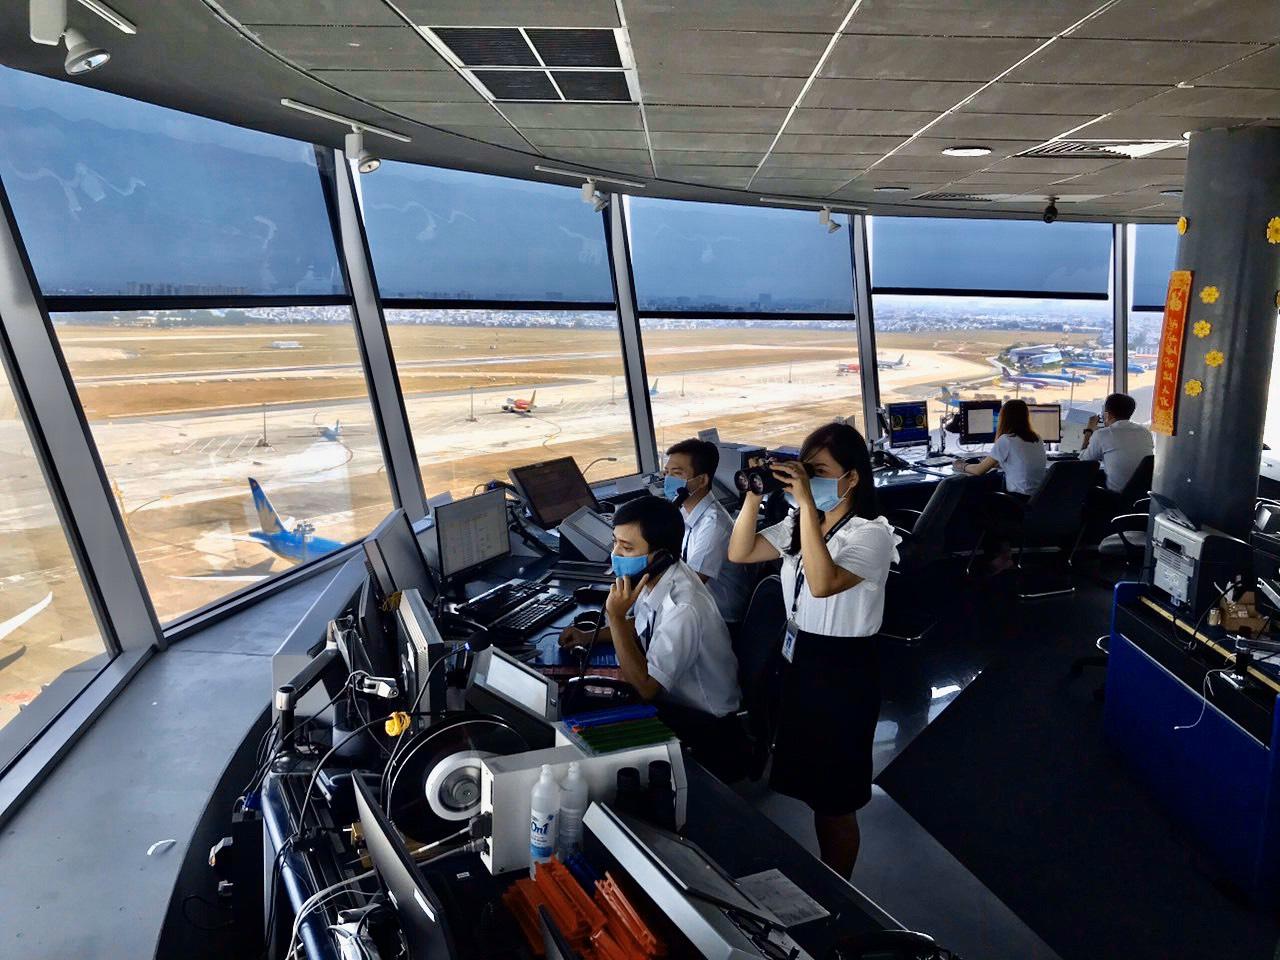 VATM kích hoạt Kế hoạch ứng phó đại dịch Covid-19 tại các cơ sở điều hành bay